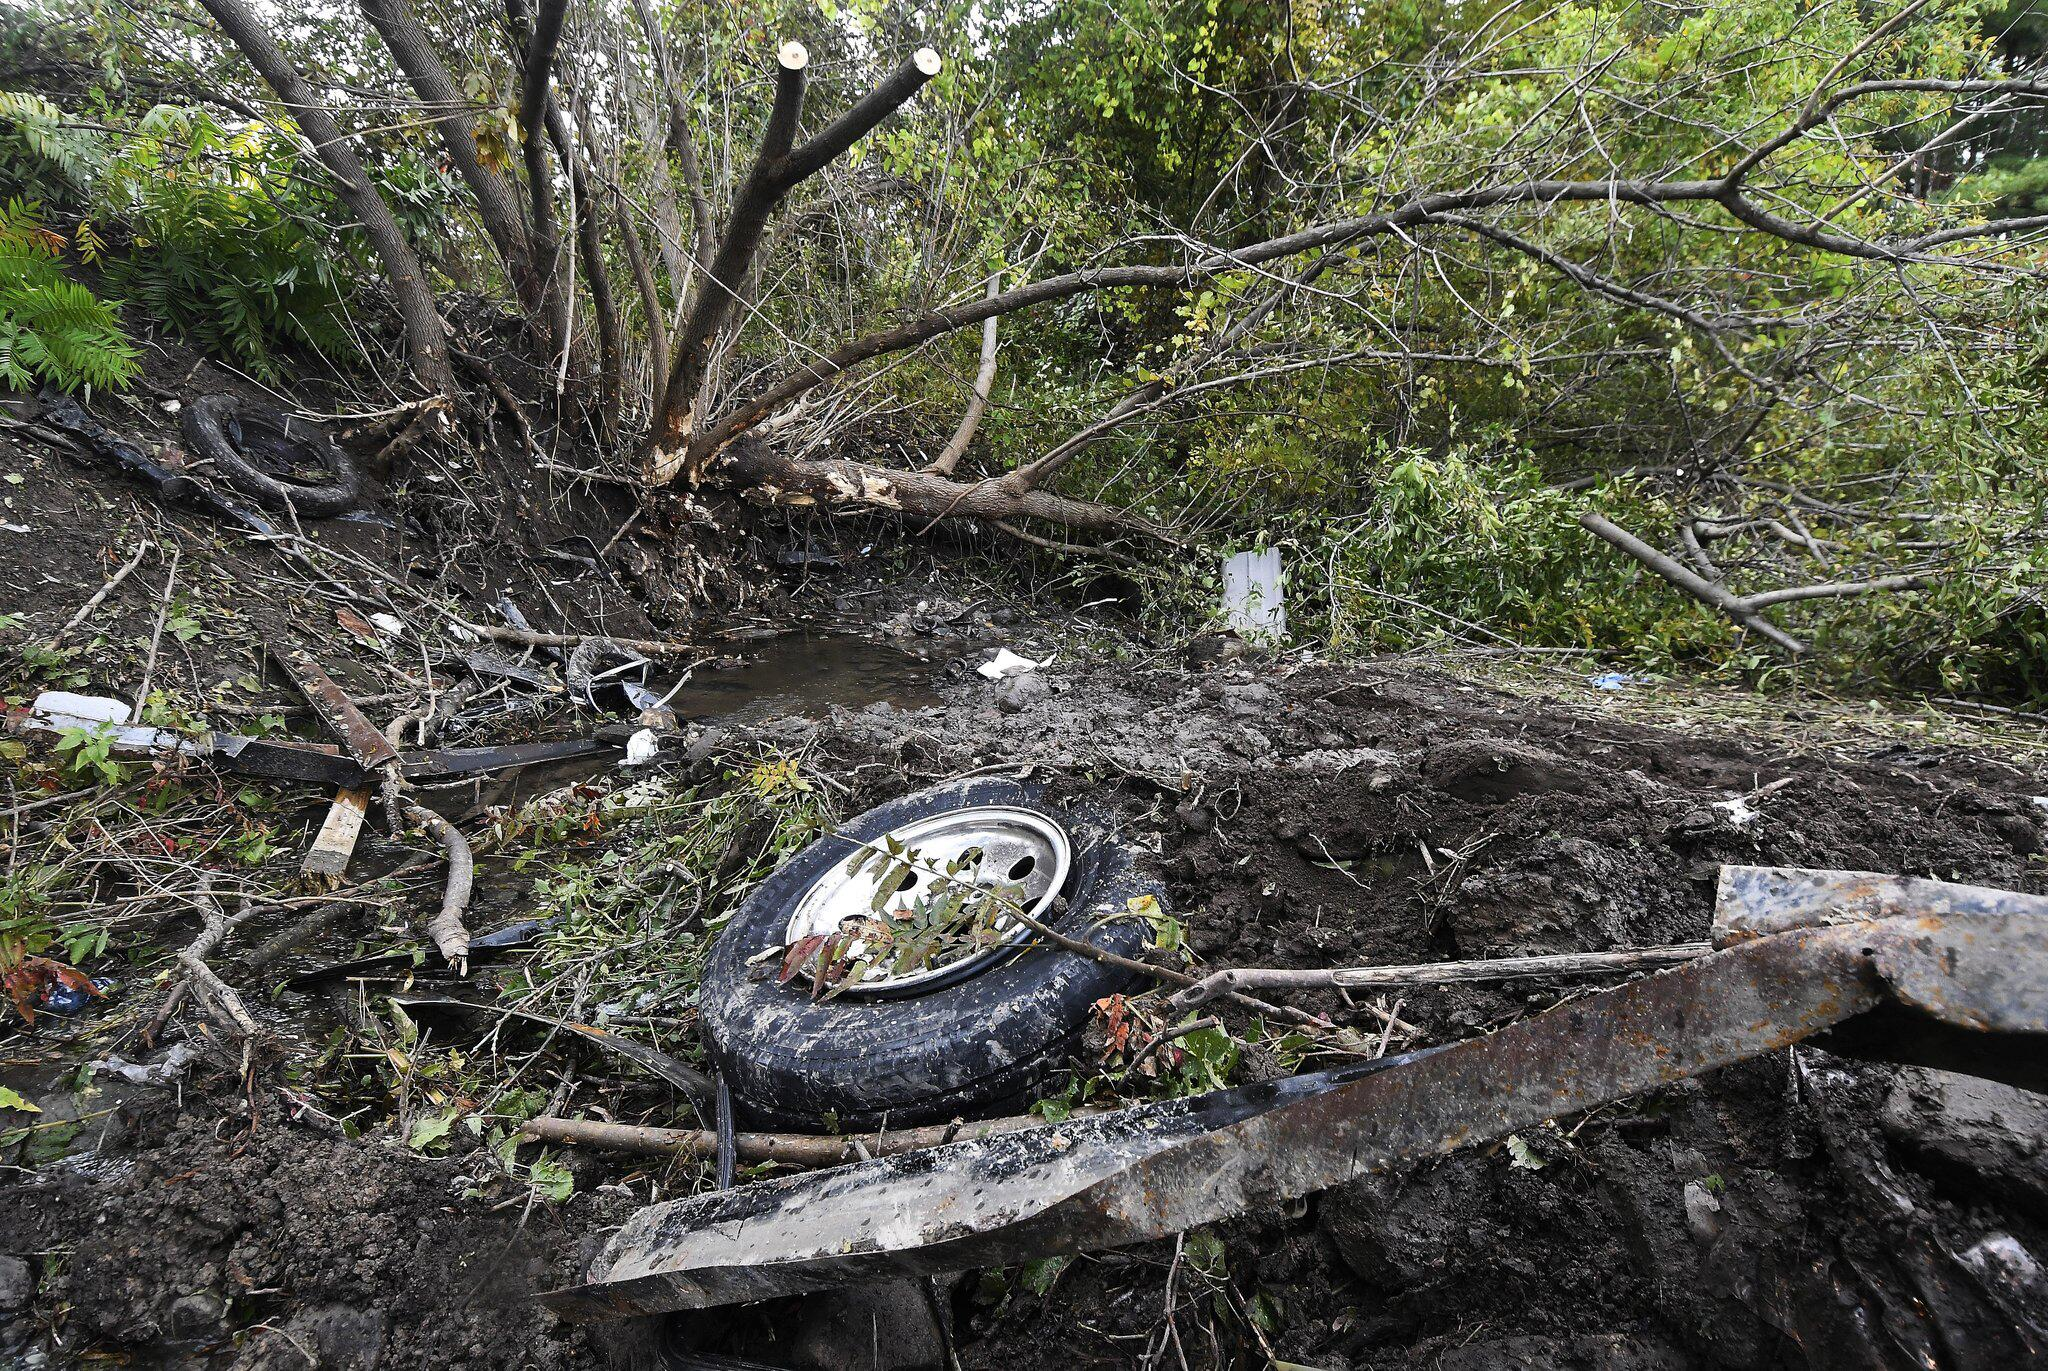 Bild zu Unfall, Auto, Limousine, US-Bundesstaat New York, Schoharie